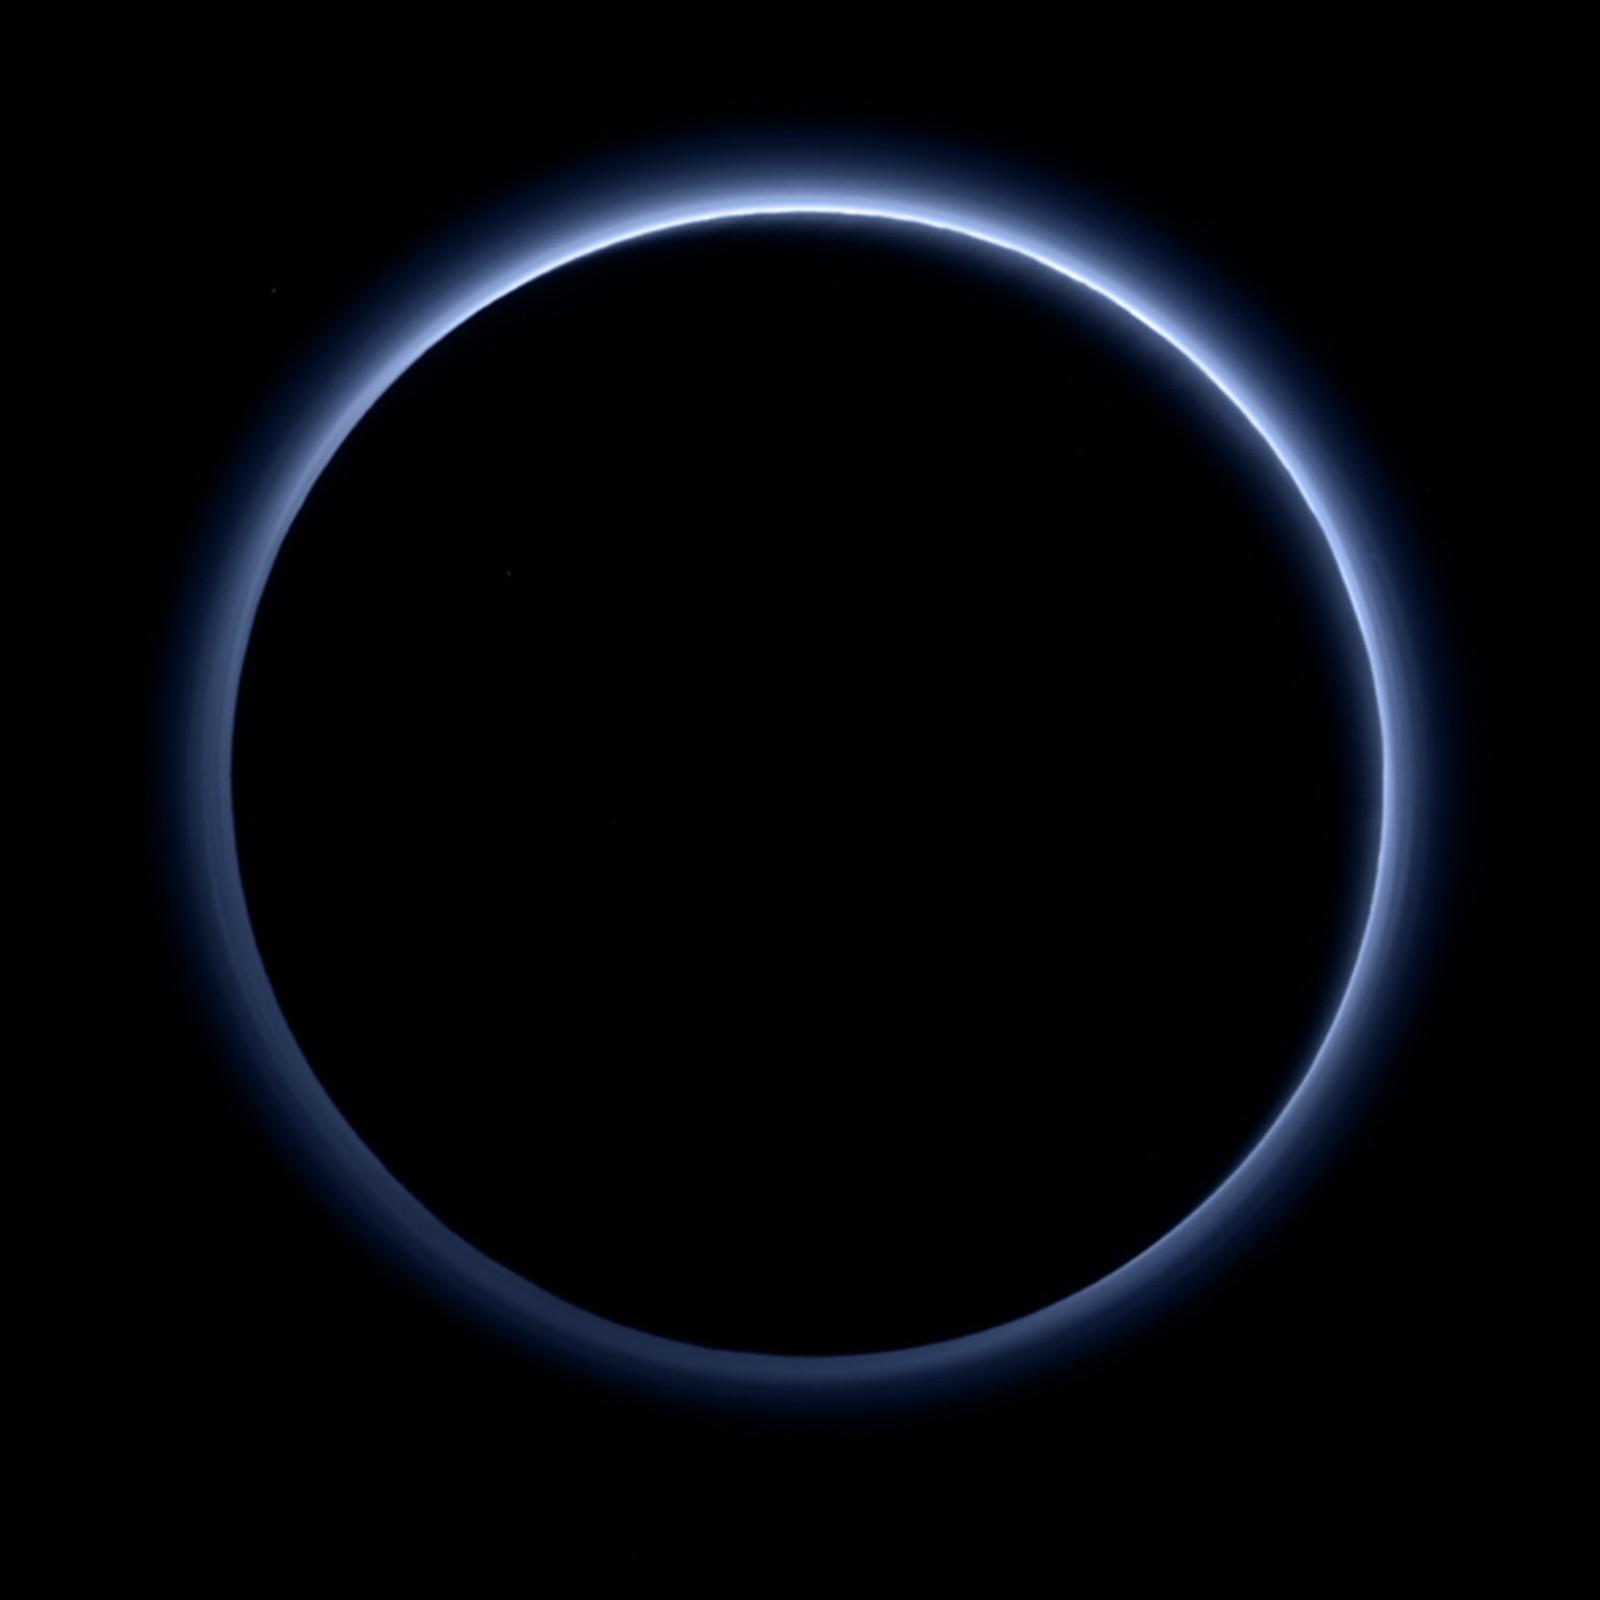 NASA kom med dette bildet av Plutos blå ring denne uka. Bildet er tatt av et MVIC-kamera fra romskipet New Horizons. (MVIC = Multispectral Visible Imaging Camera.) Bildet ble deretter kjørt gjennom et program som kombinerer informasjonen fra blå, røde og nær-infrarøde bilder for å reprodusere fargen mest mulig lik slik et menneske-øye ville oppfattet den.